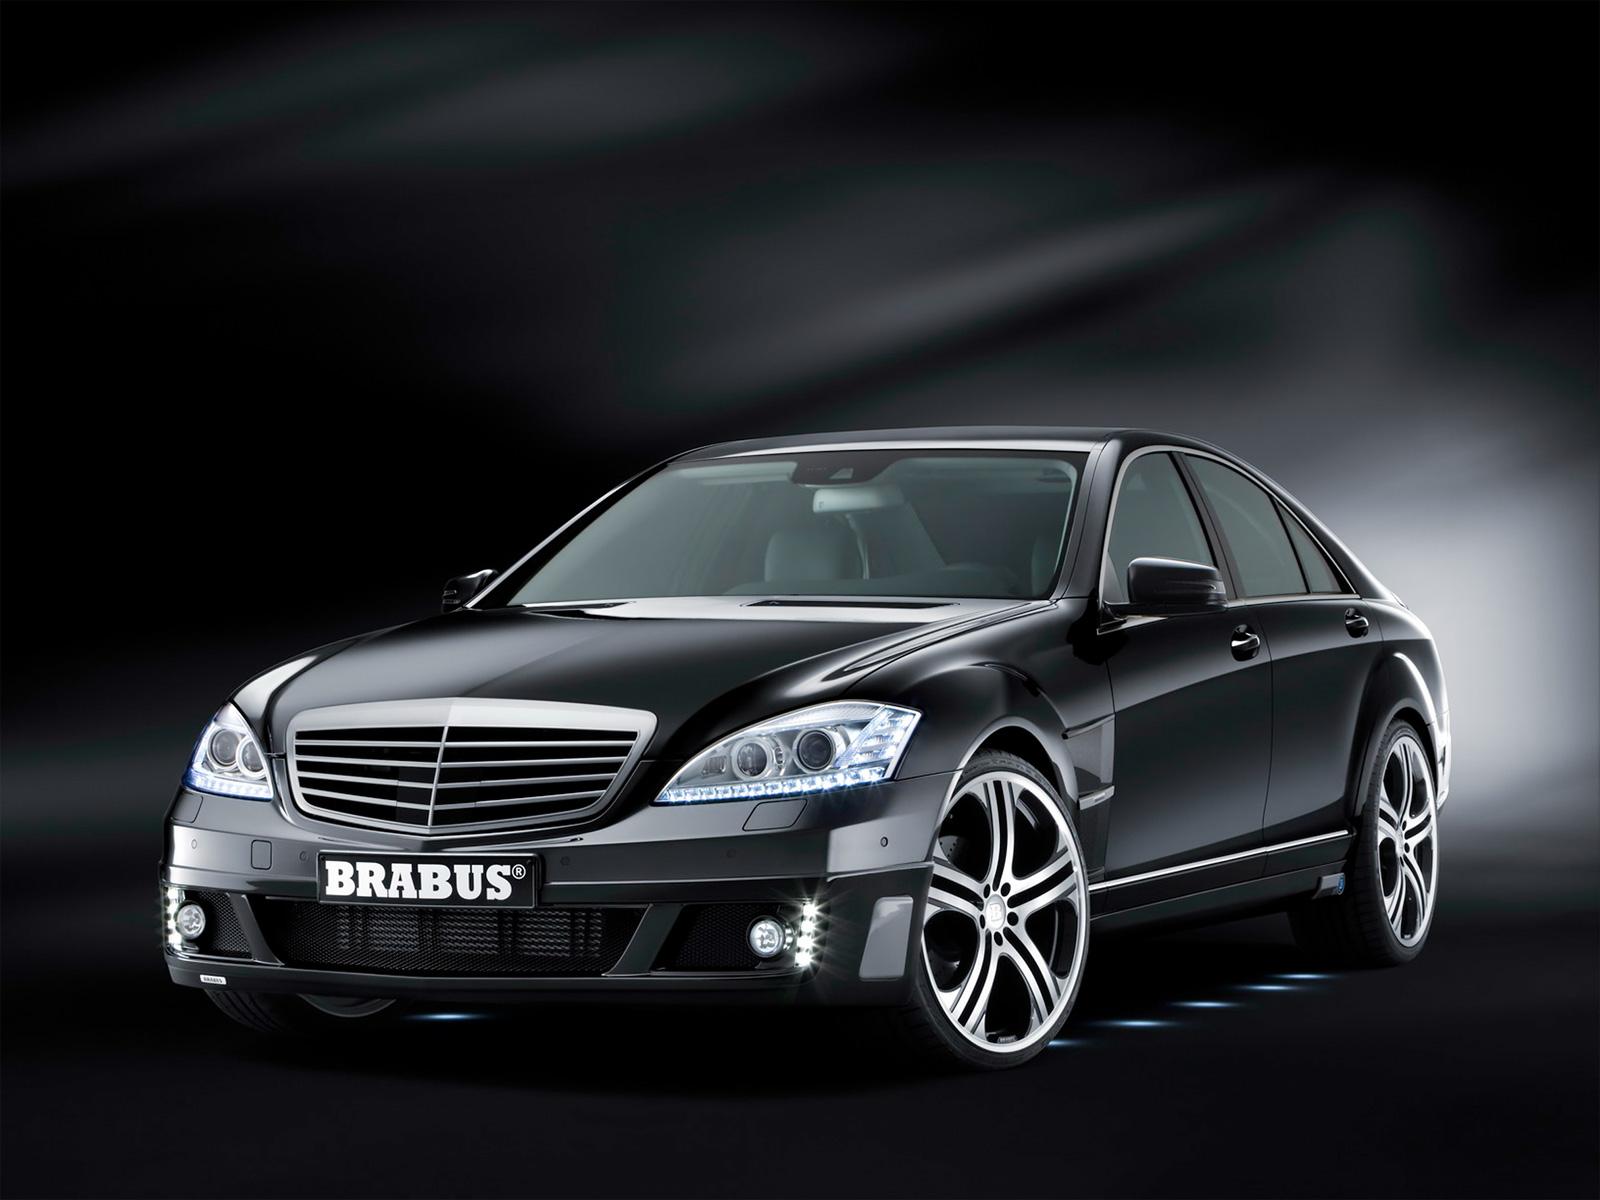 http://4.bp.blogspot.com/-r0_rmx31uLI/TpqRLAf2dVI/AAAAAAAAAYM/eBa6Mf3onuQ/s1600/Brabus_SV12_R_Mercedes-Benz_S600.jpg